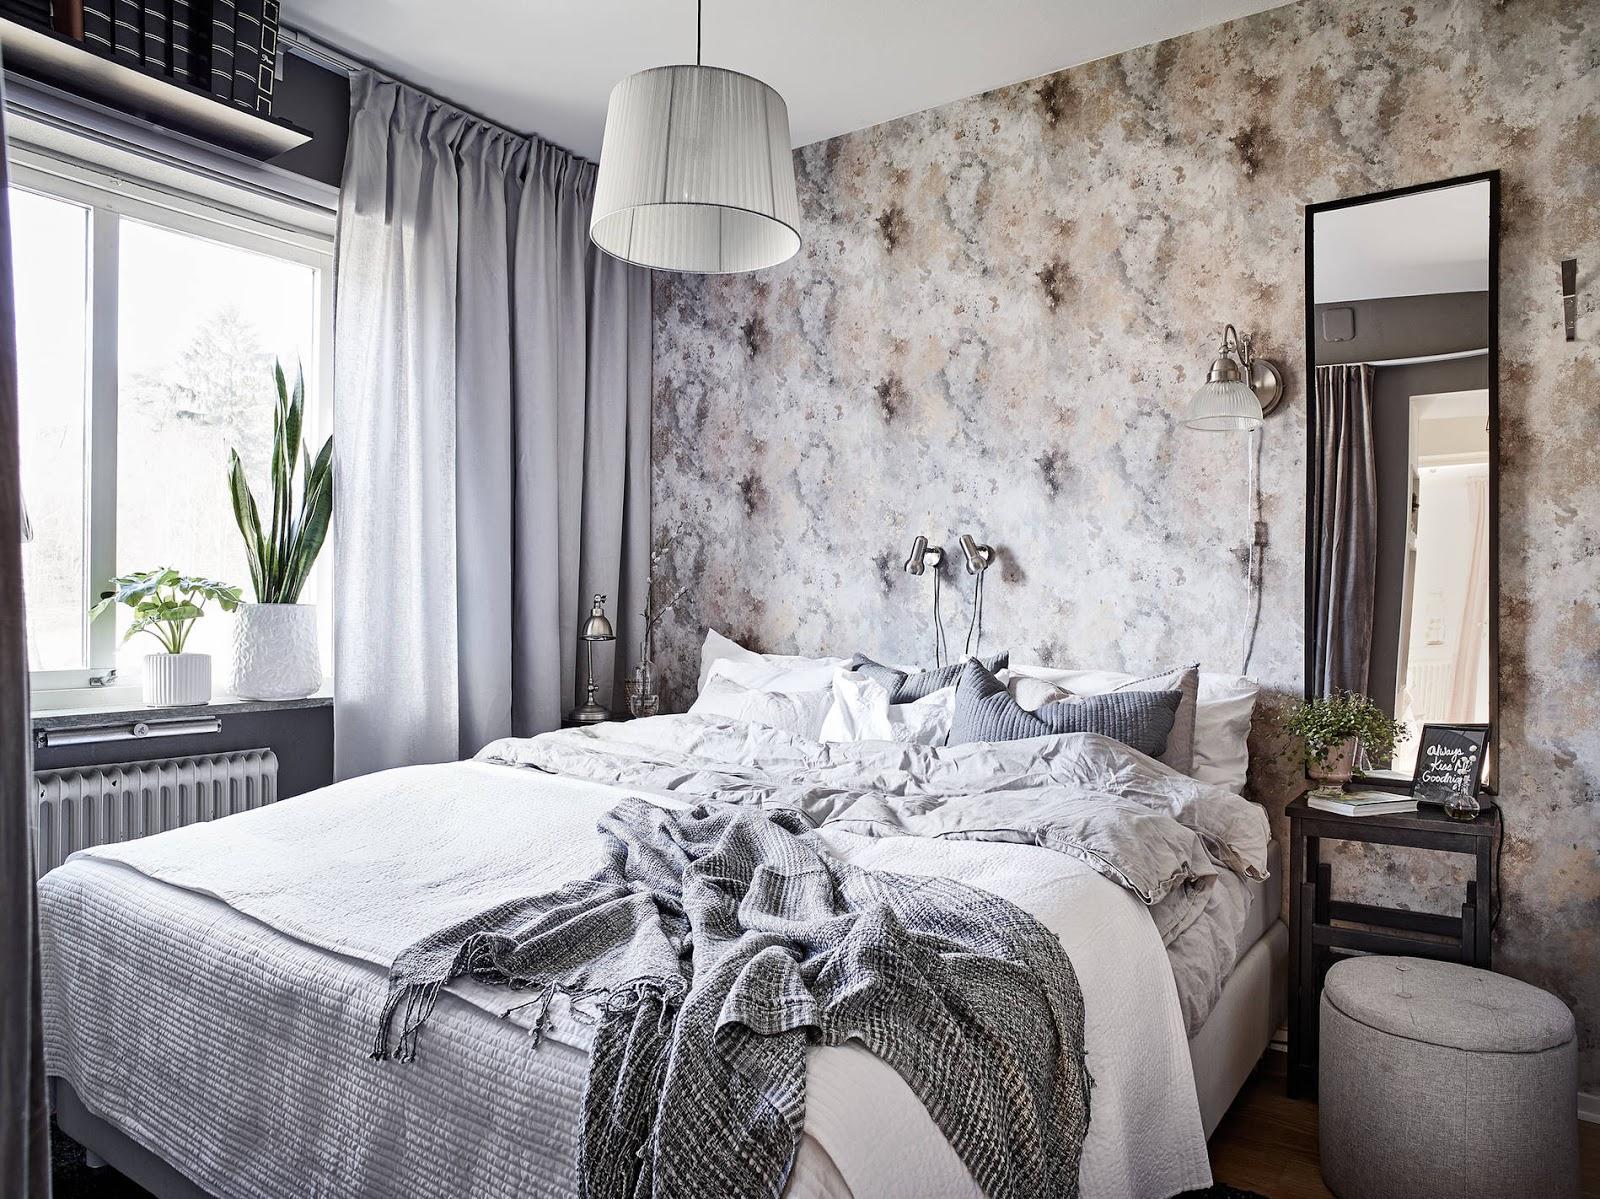 Sypialnia w szarościach z ciężkimi zasłonami